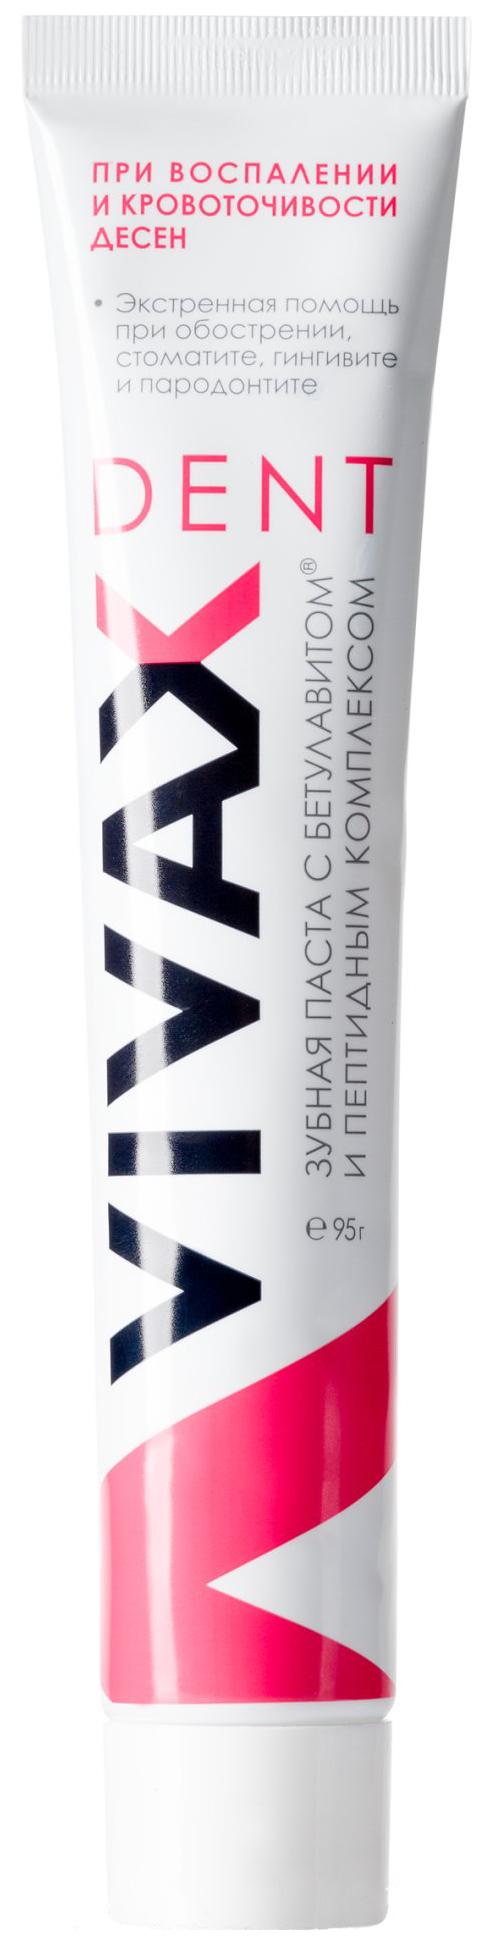 Купить Зубная паста Vivax При воспалении и кровоточивости десен 95 г